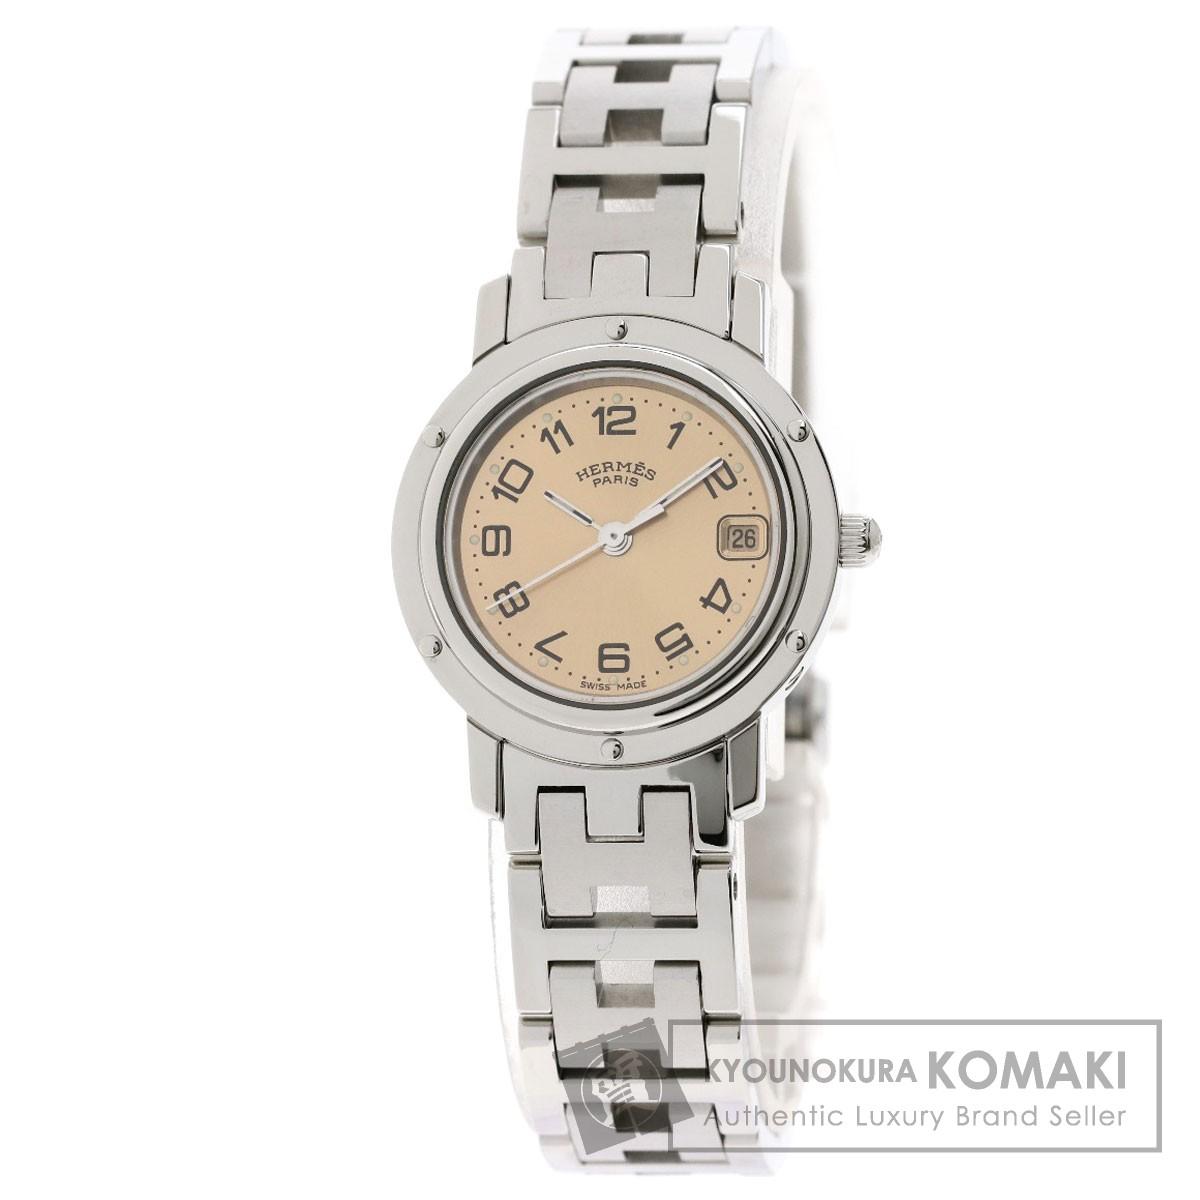 エルメス CL4.210 クリッパー 腕時計 ステンレススチール/SS レディース 【中古】【HERMES】